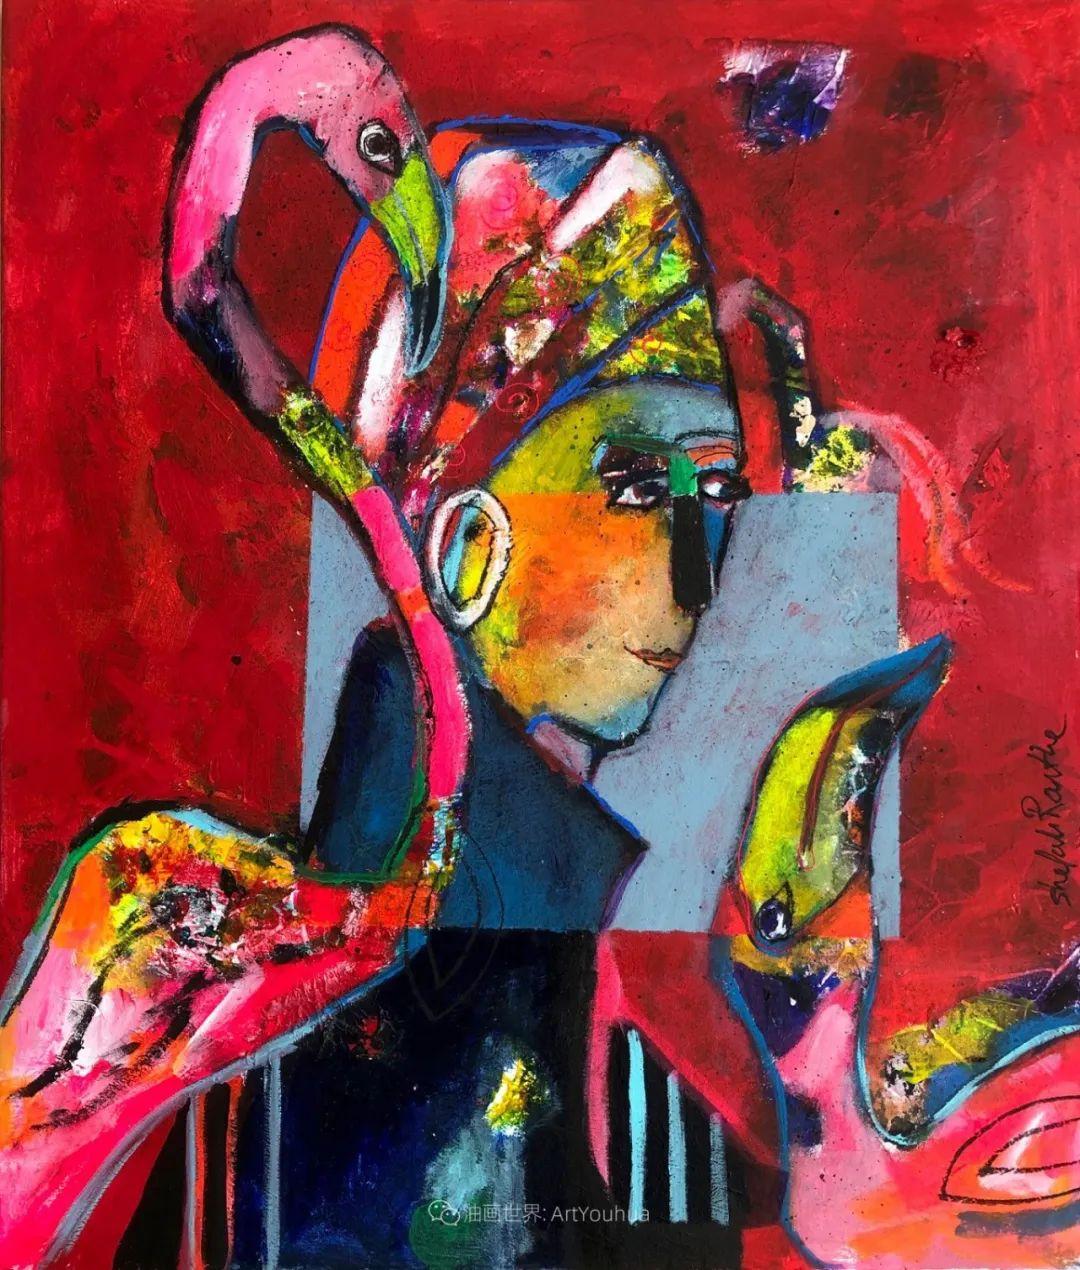 她的艺术是丰富多彩的,孟加拉国艺术家谢法利·兰特插图2